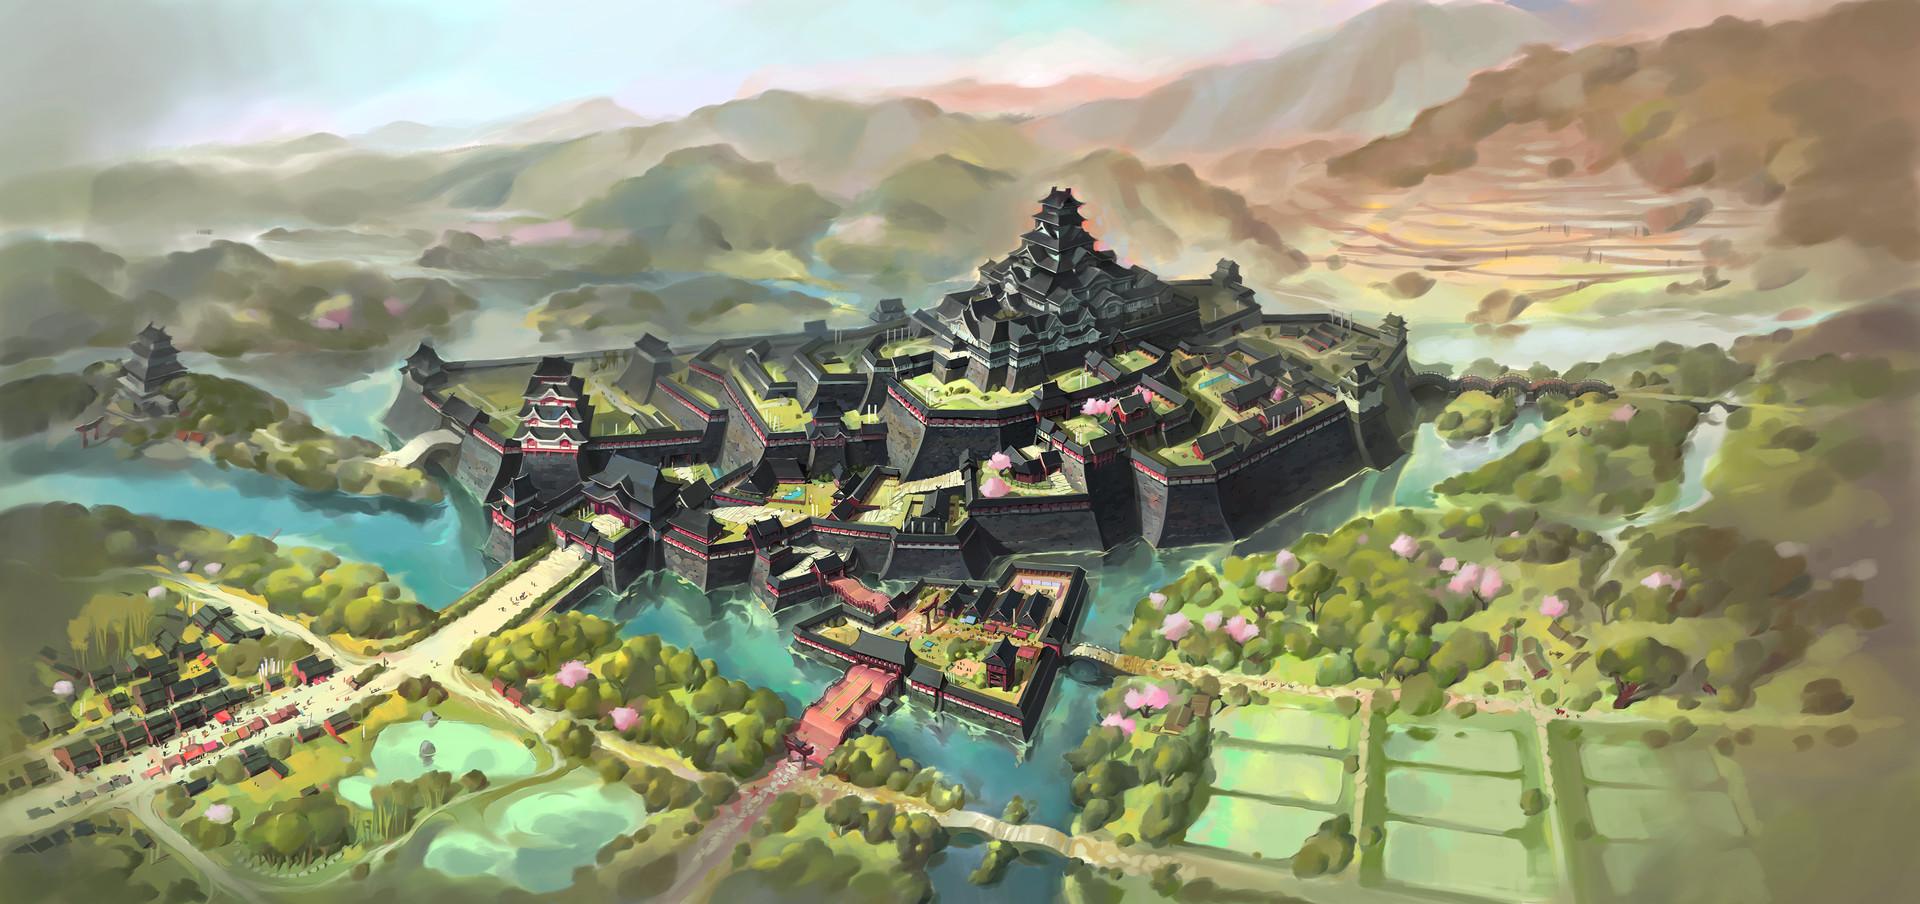 http://forumupload.ru/uploads/001a/74/14/11/134806.jpg